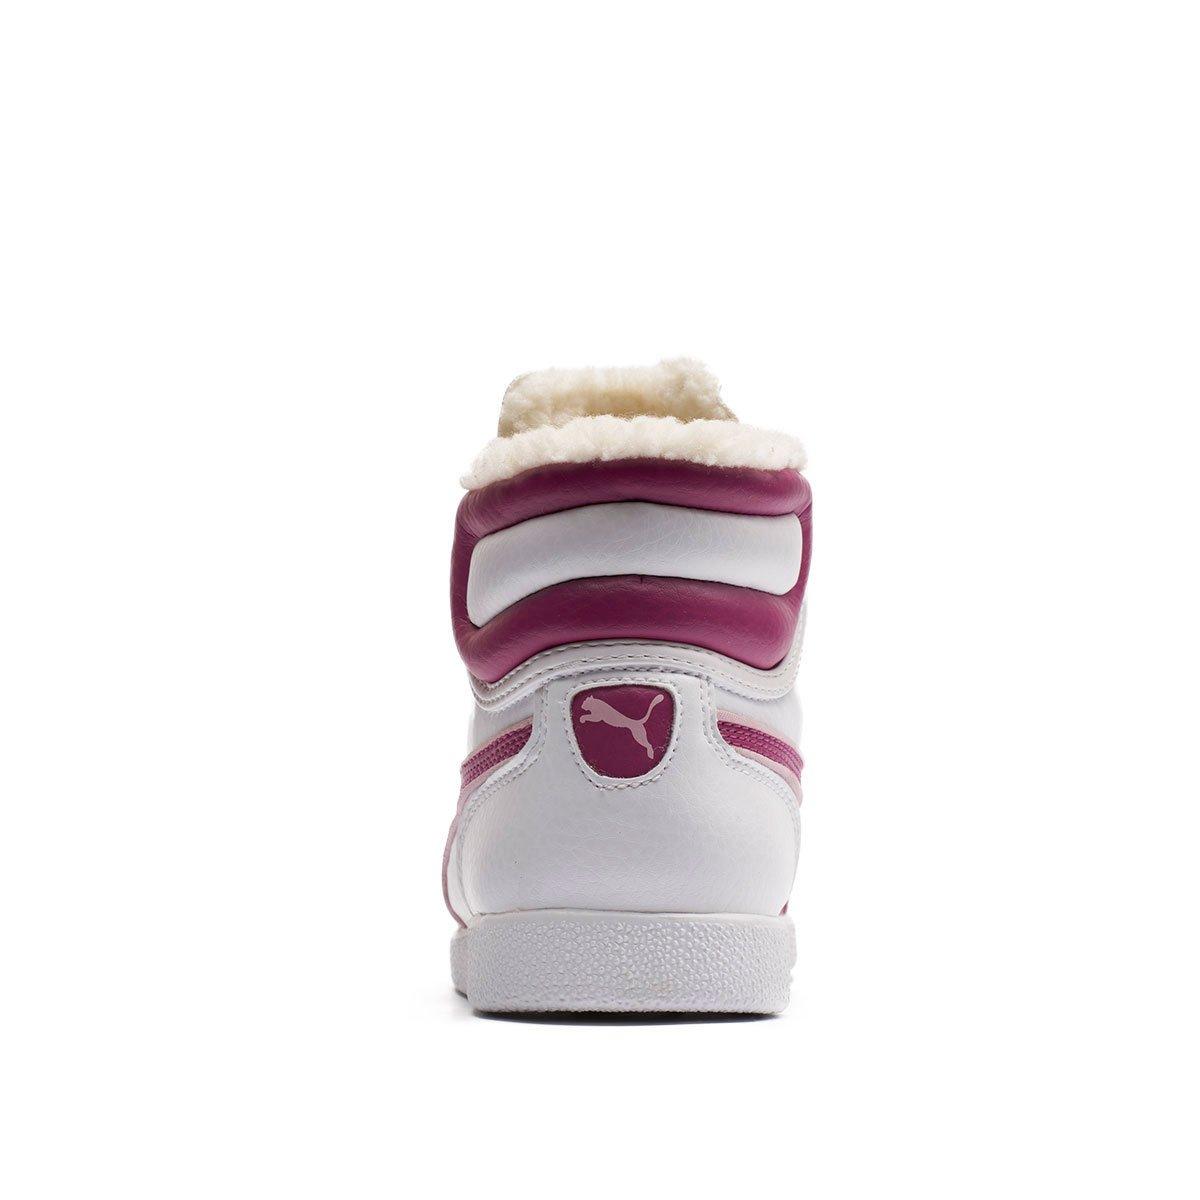 Puma First Round Fur Winter